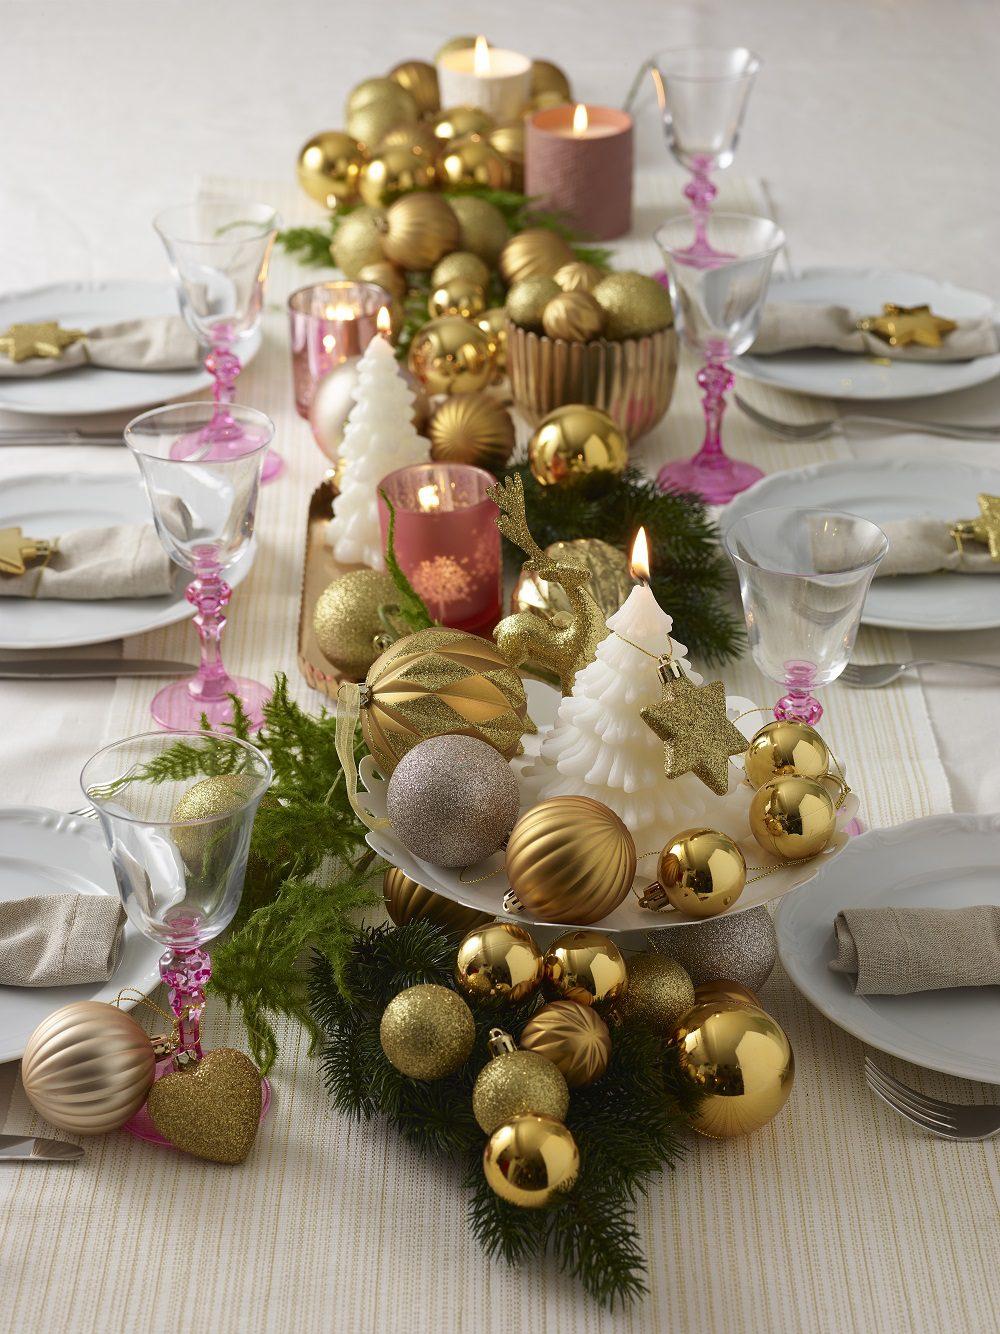 Yılbaşından kalan süsler ile masa dekore etmek.